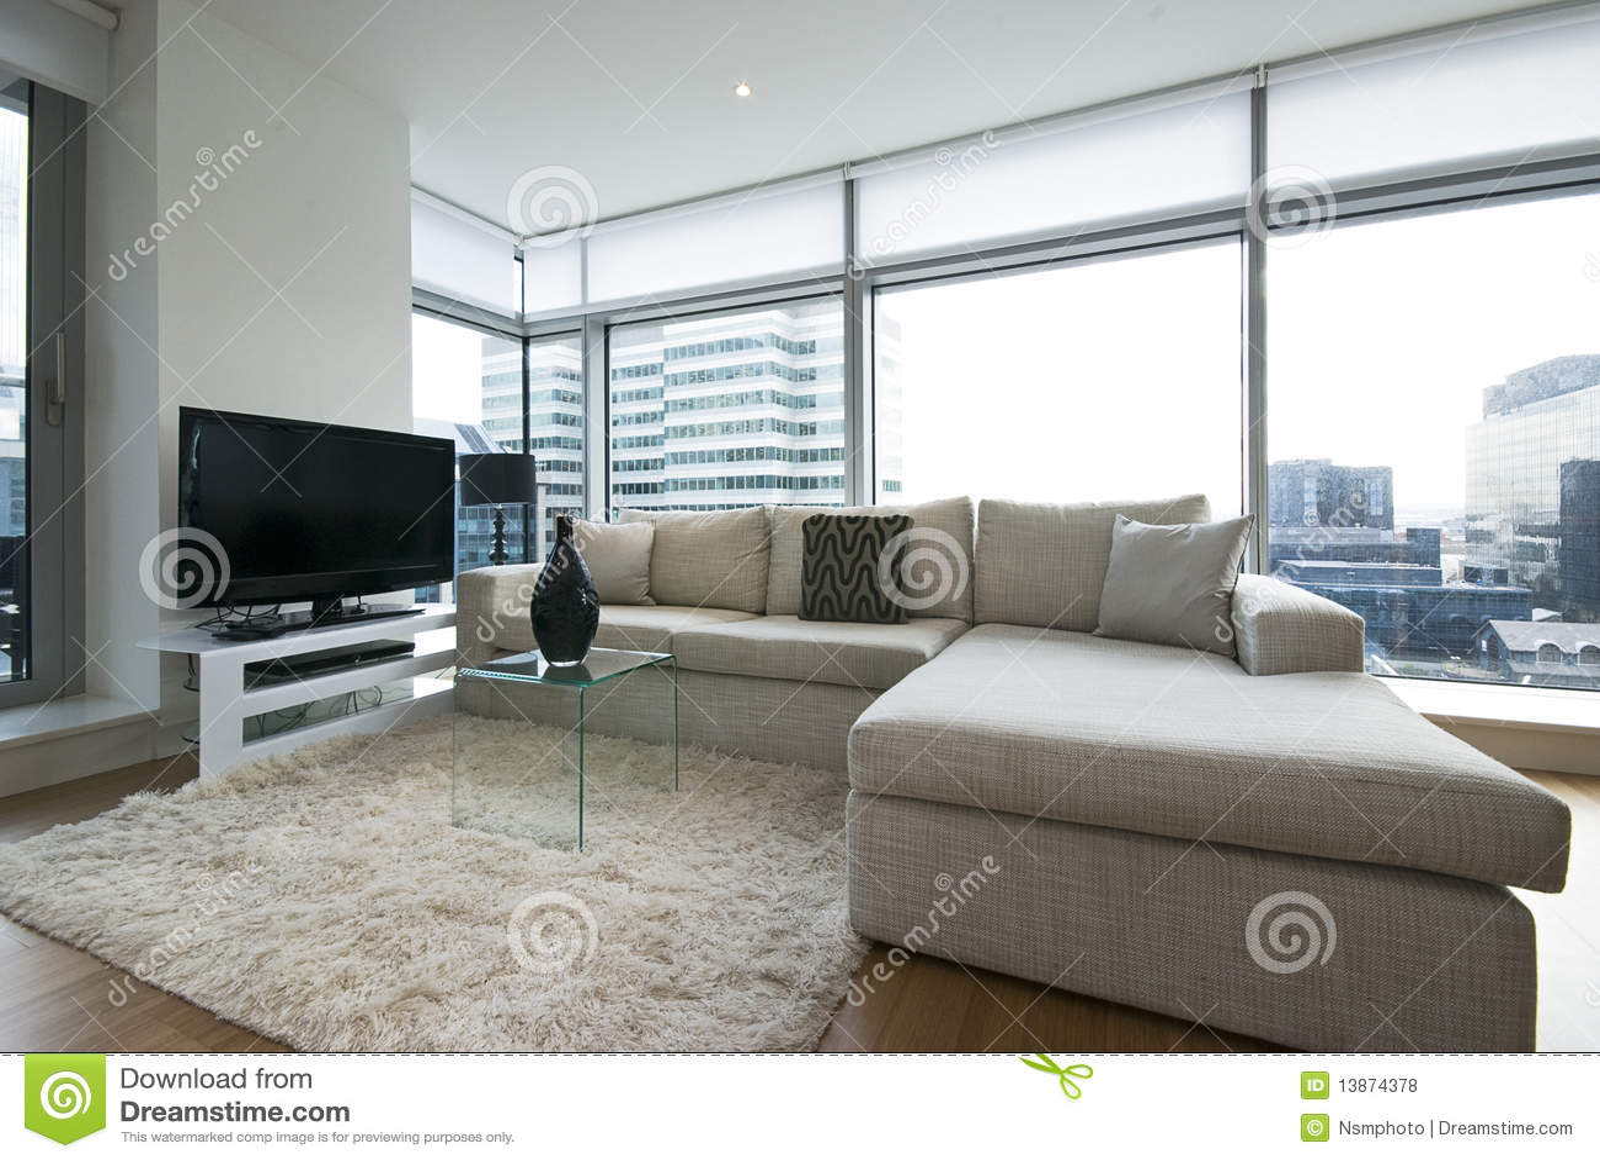 Muebles De Archivo Idea Creativa Della Casa E Dell Interior Design # Muebles Hitters